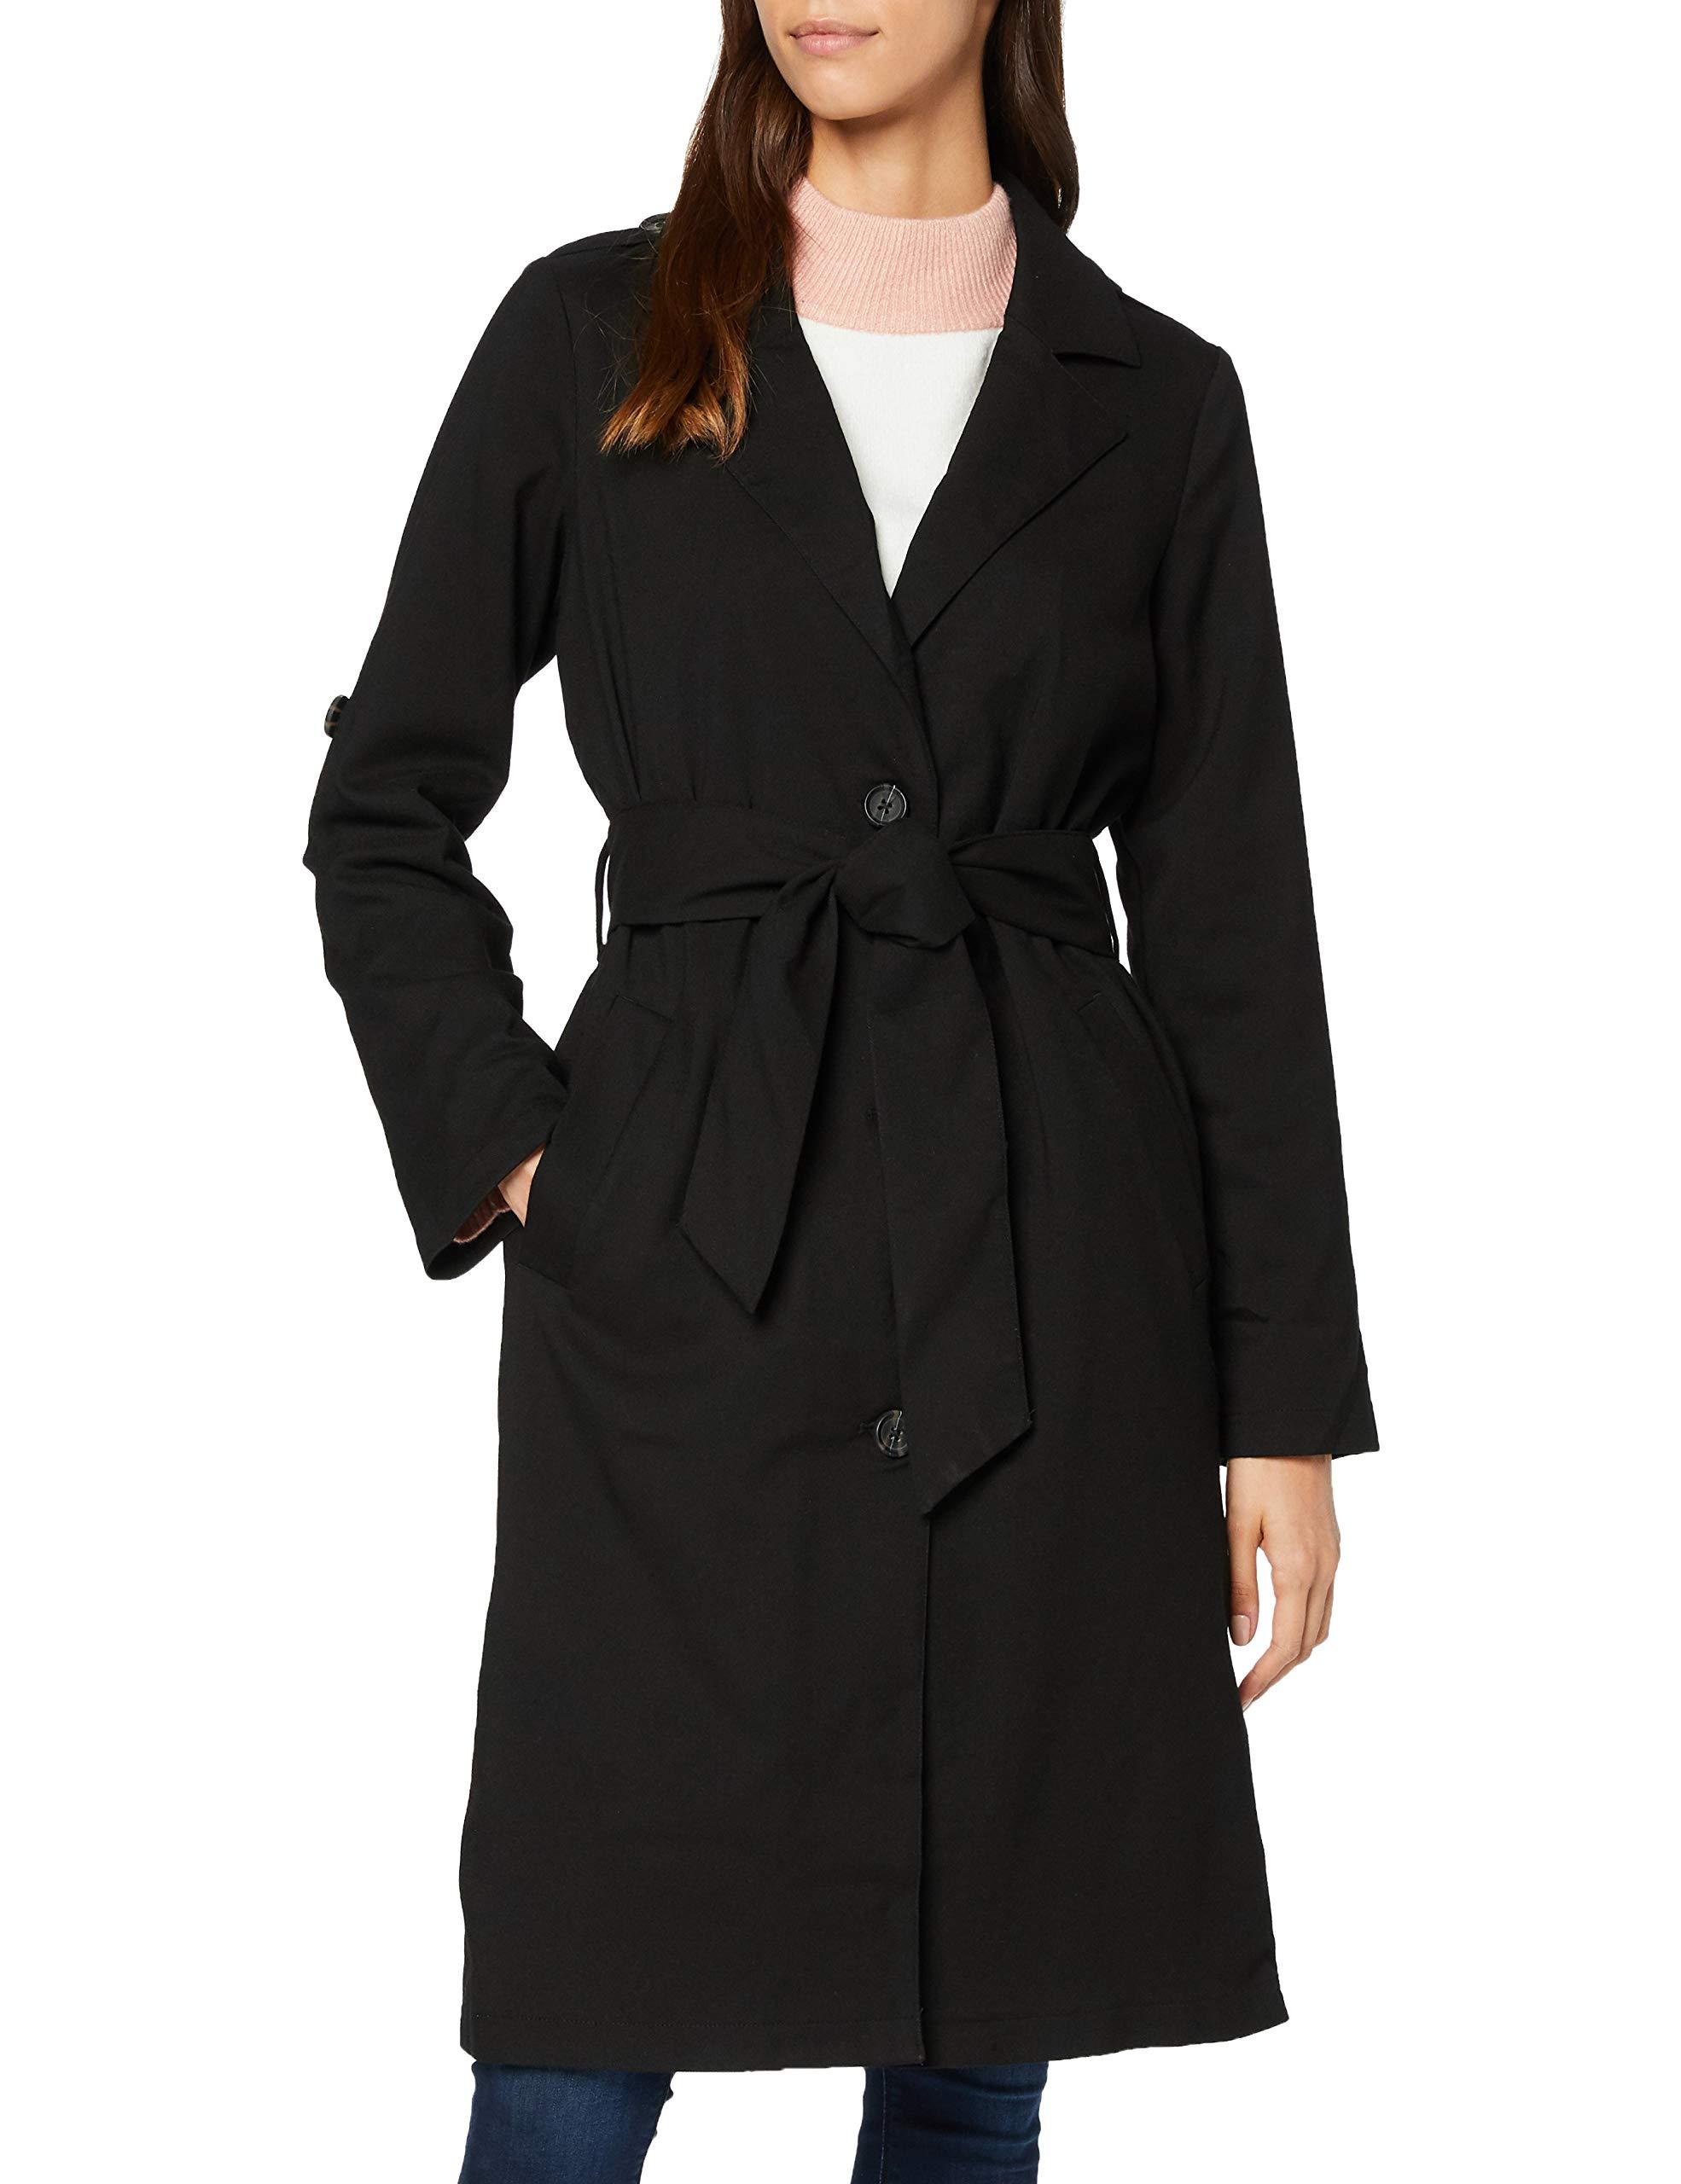 L Noos Nos Jacket BlousonNoir Object BlackMedium Objannabelle s Femme N08nPkwOX